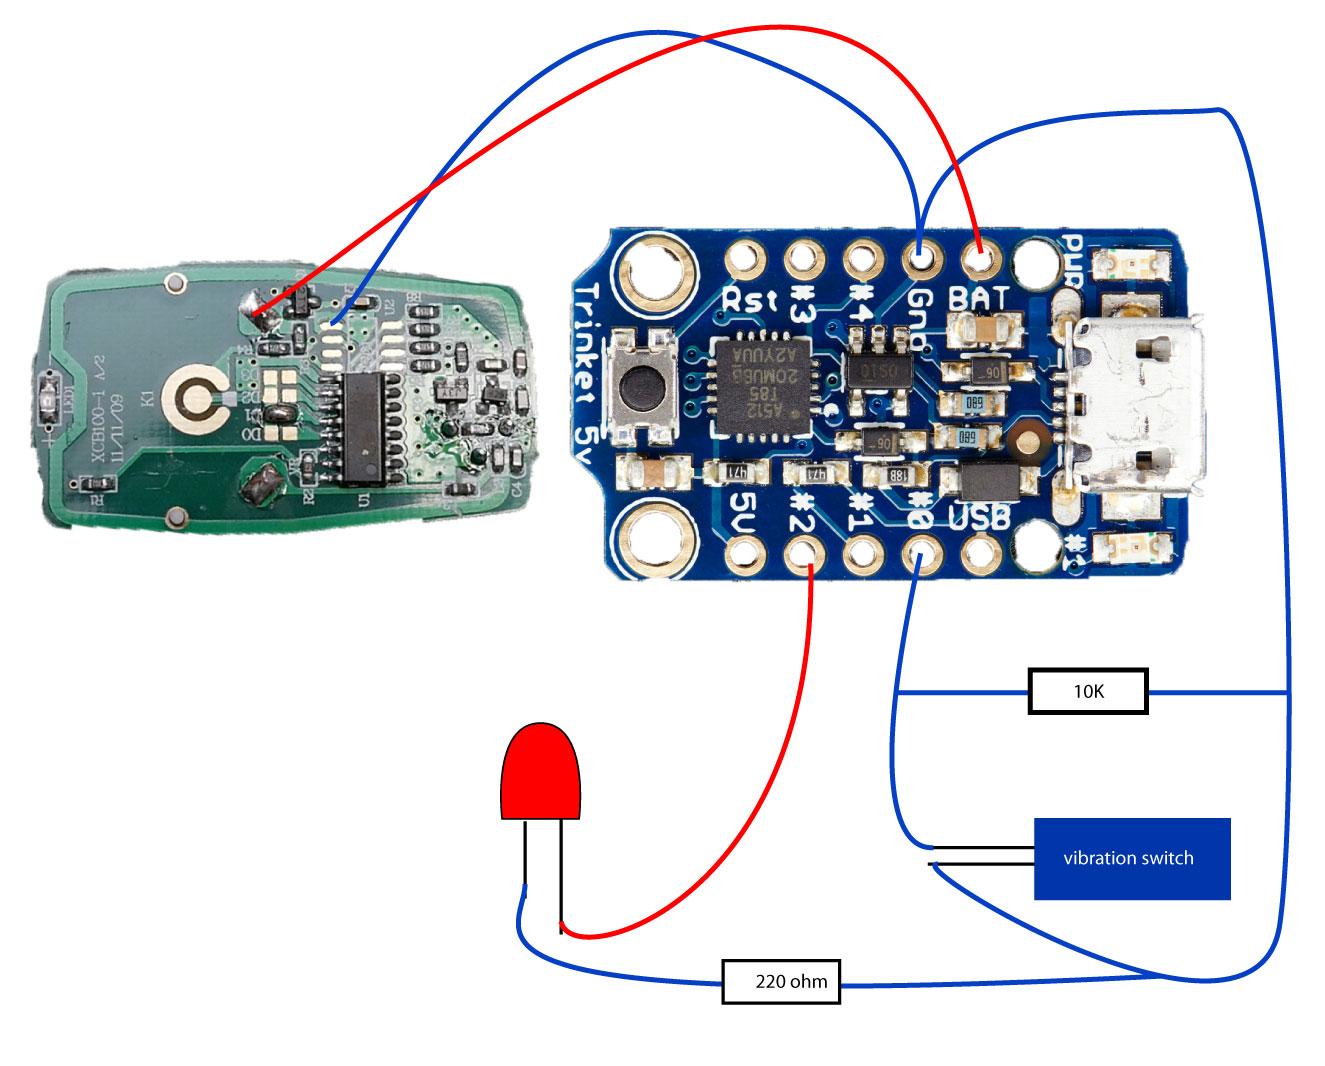 sensors_test-circuit-diagram.jpg